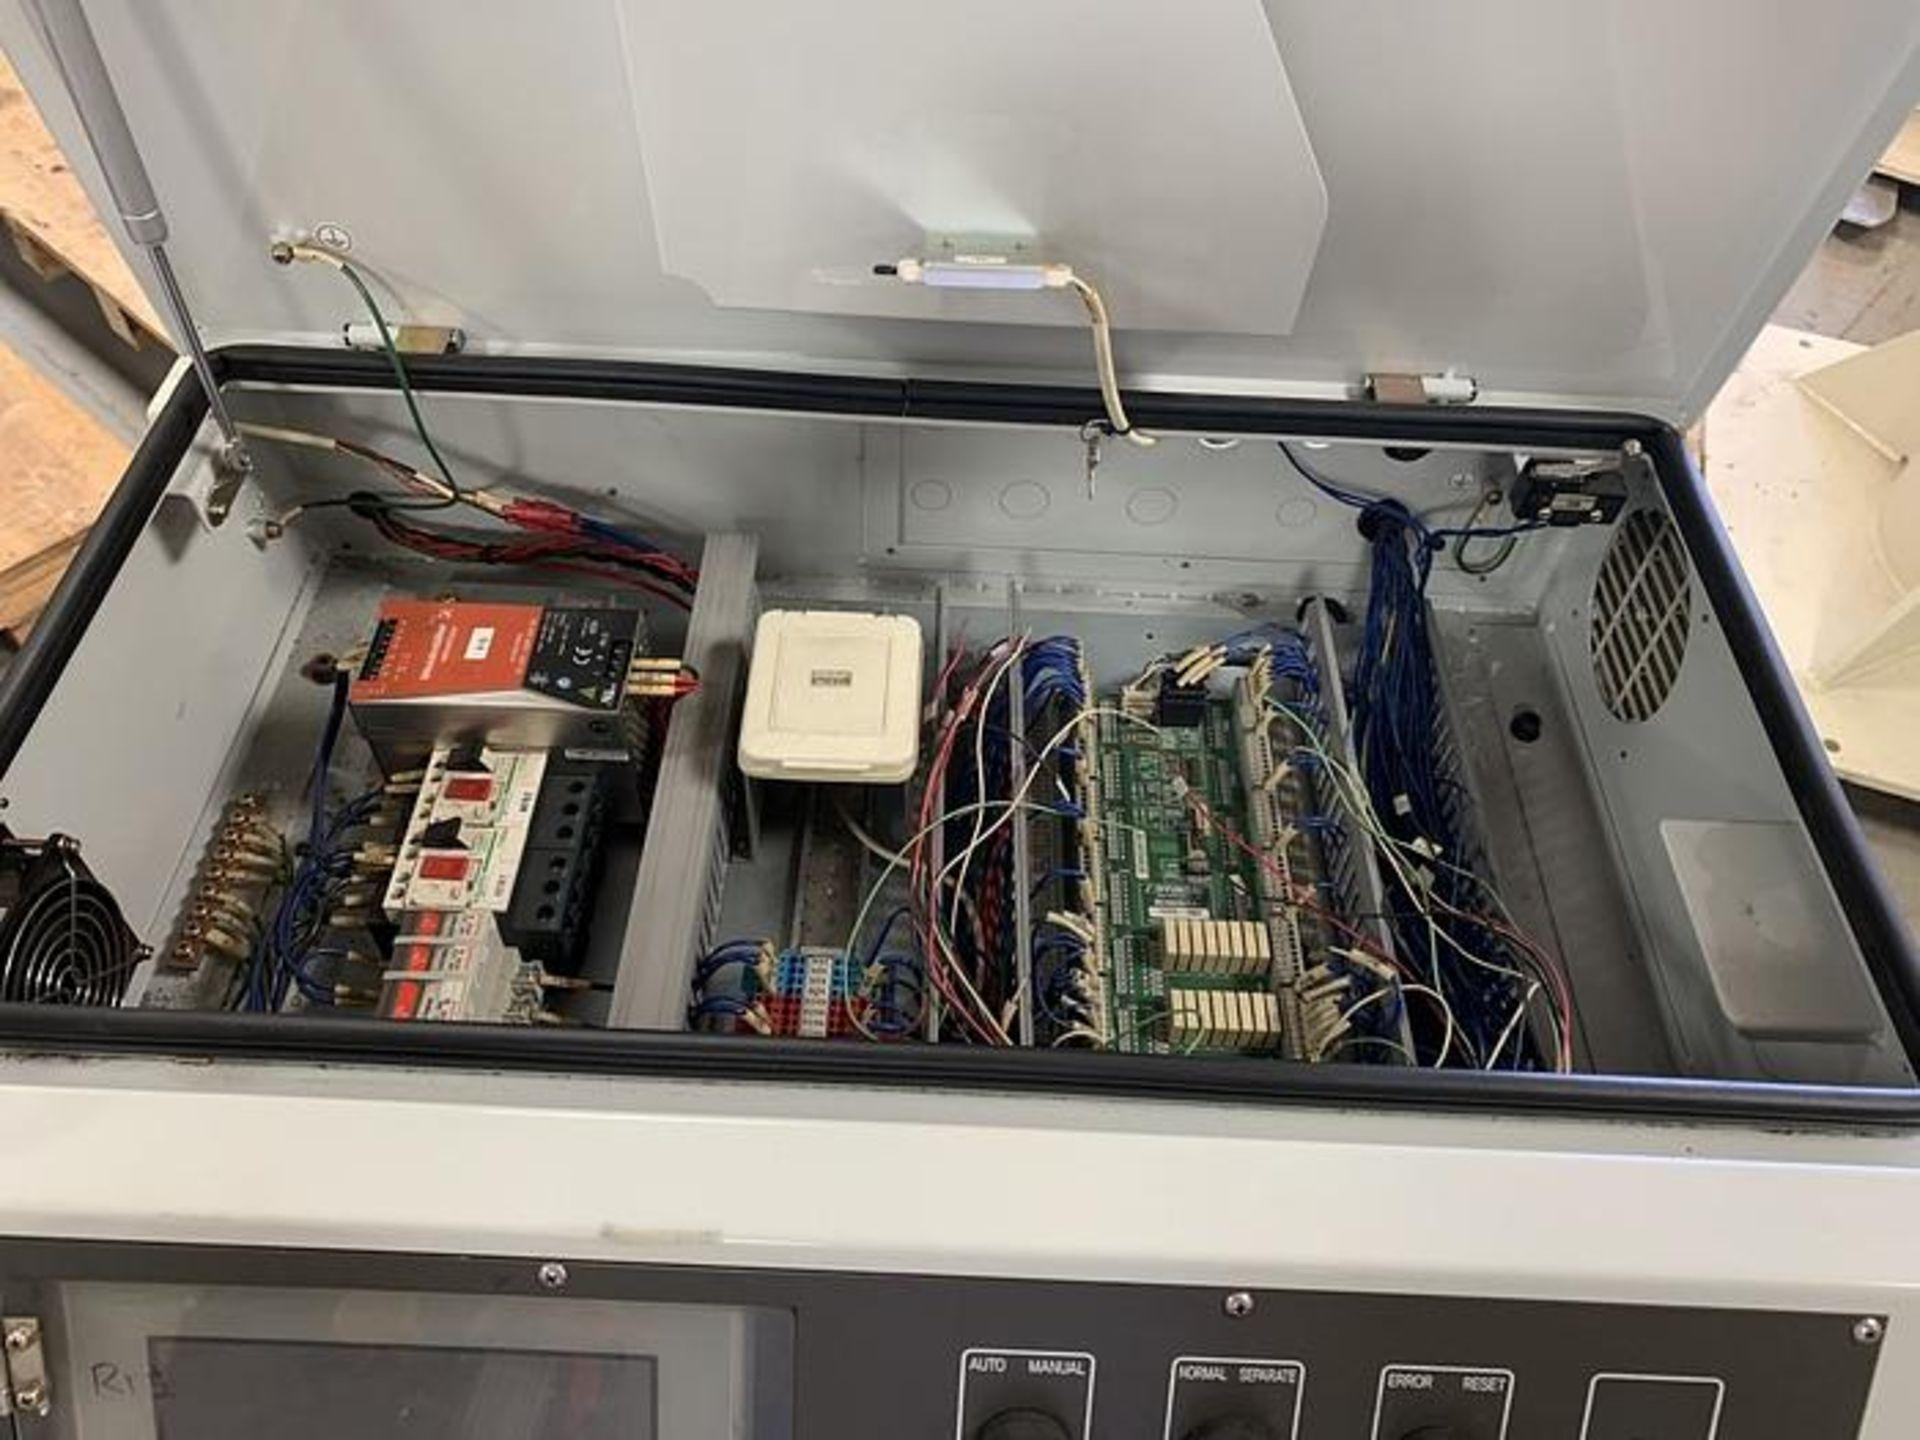 HYUNDIA MODEL HX400 400KG X 2573MM Hi5-N80U CONT. 6 AXIS CNC ROBOT, YEAR 2012, SN HB35-054-572 - Image 13 of 21